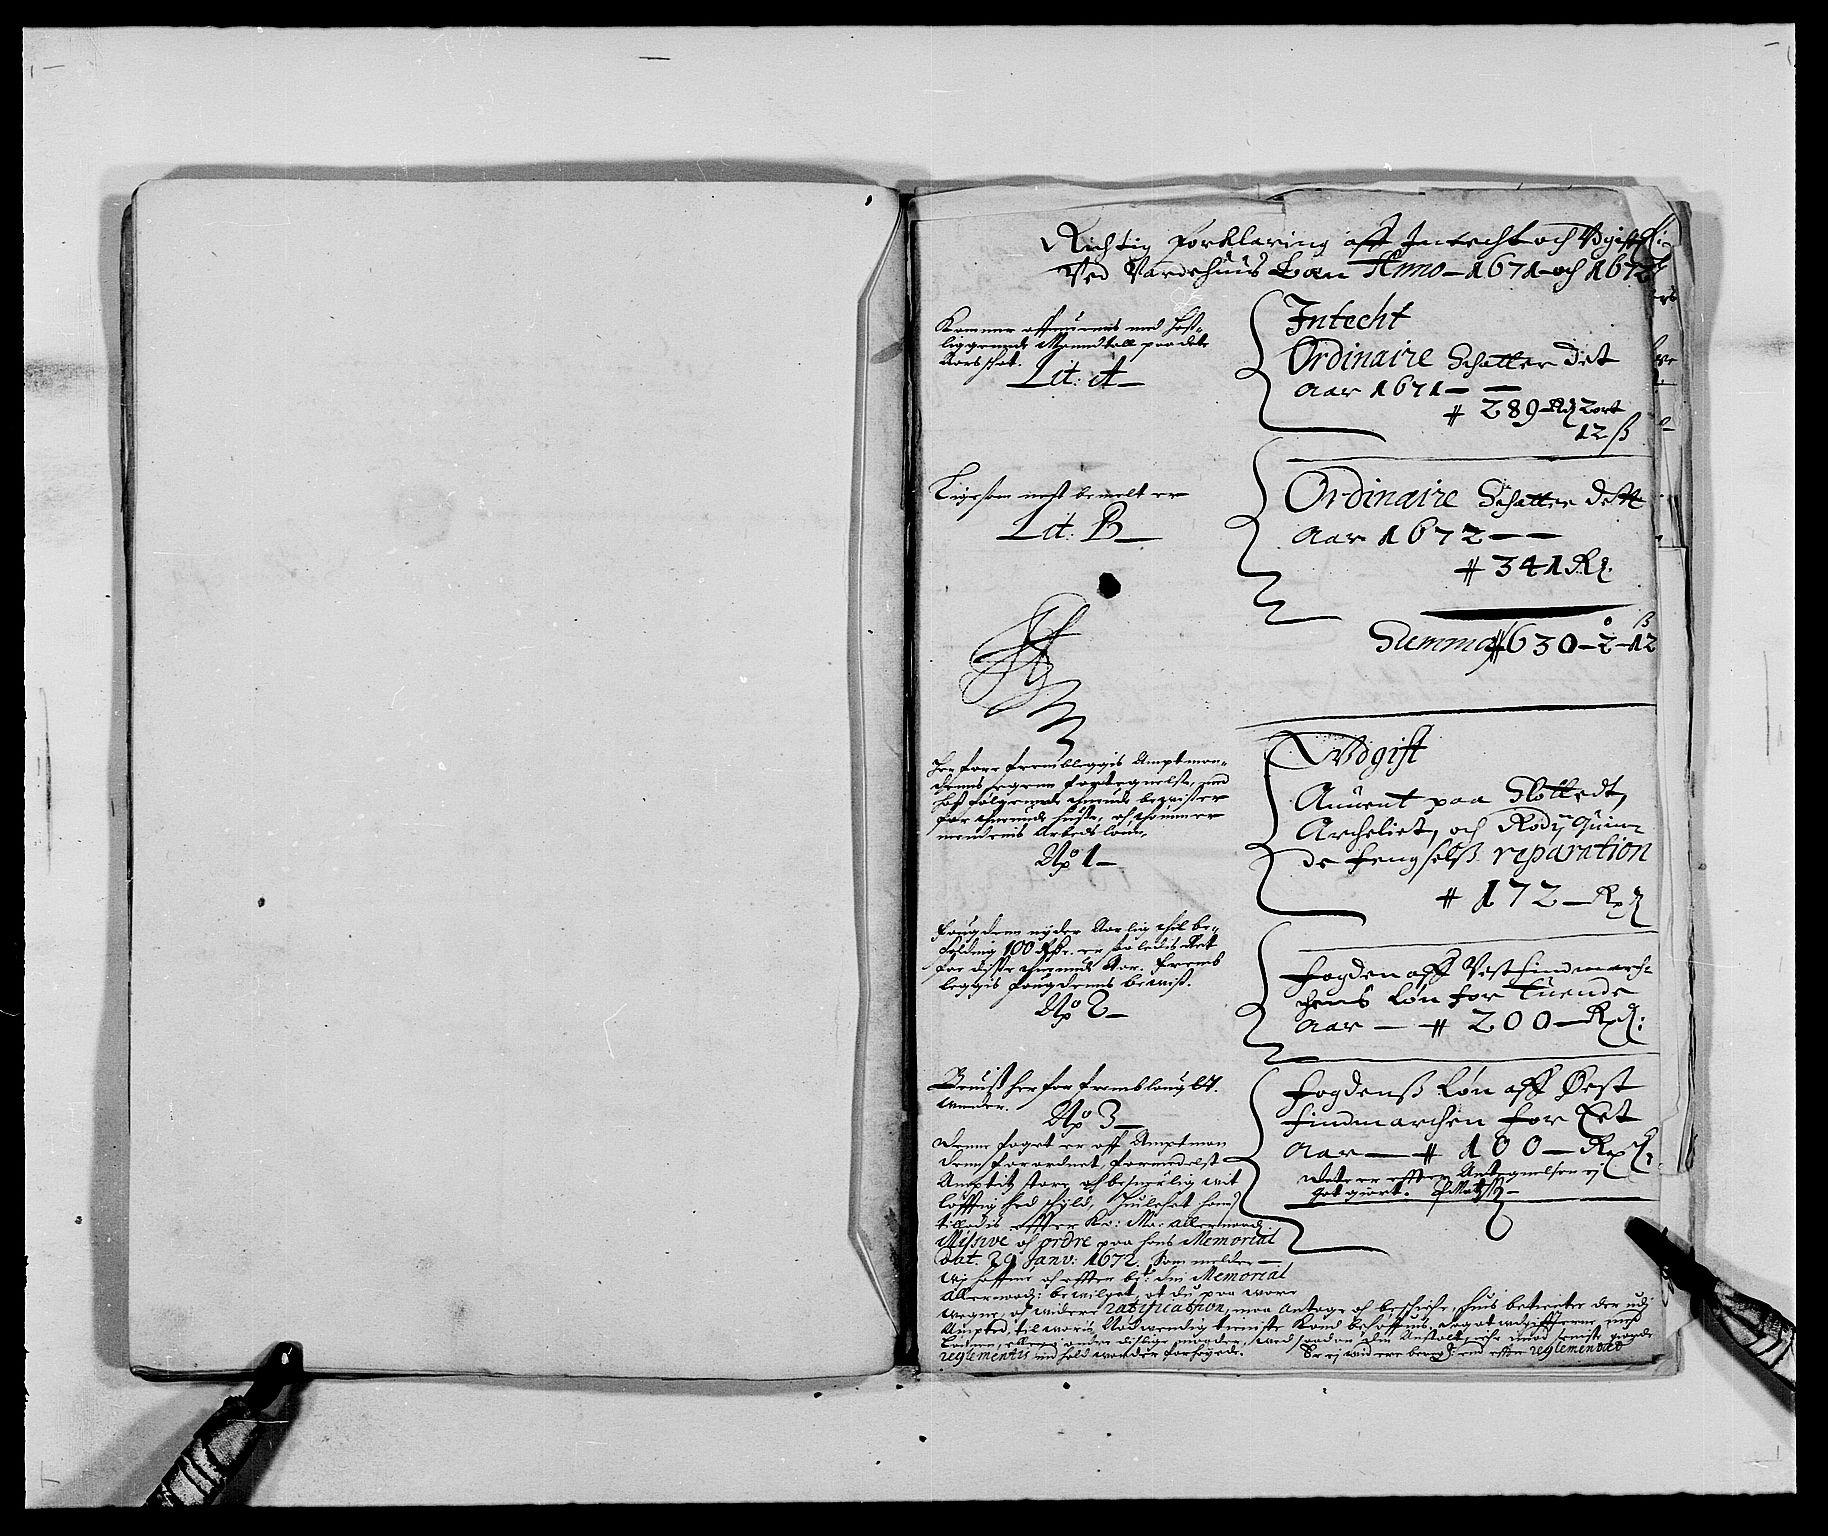 RA, Rentekammeret inntil 1814, Reviderte regnskaper, Fogderegnskap, R69/L4849: Fogderegnskap Finnmark/Vardøhus, 1661-1679, s. 257